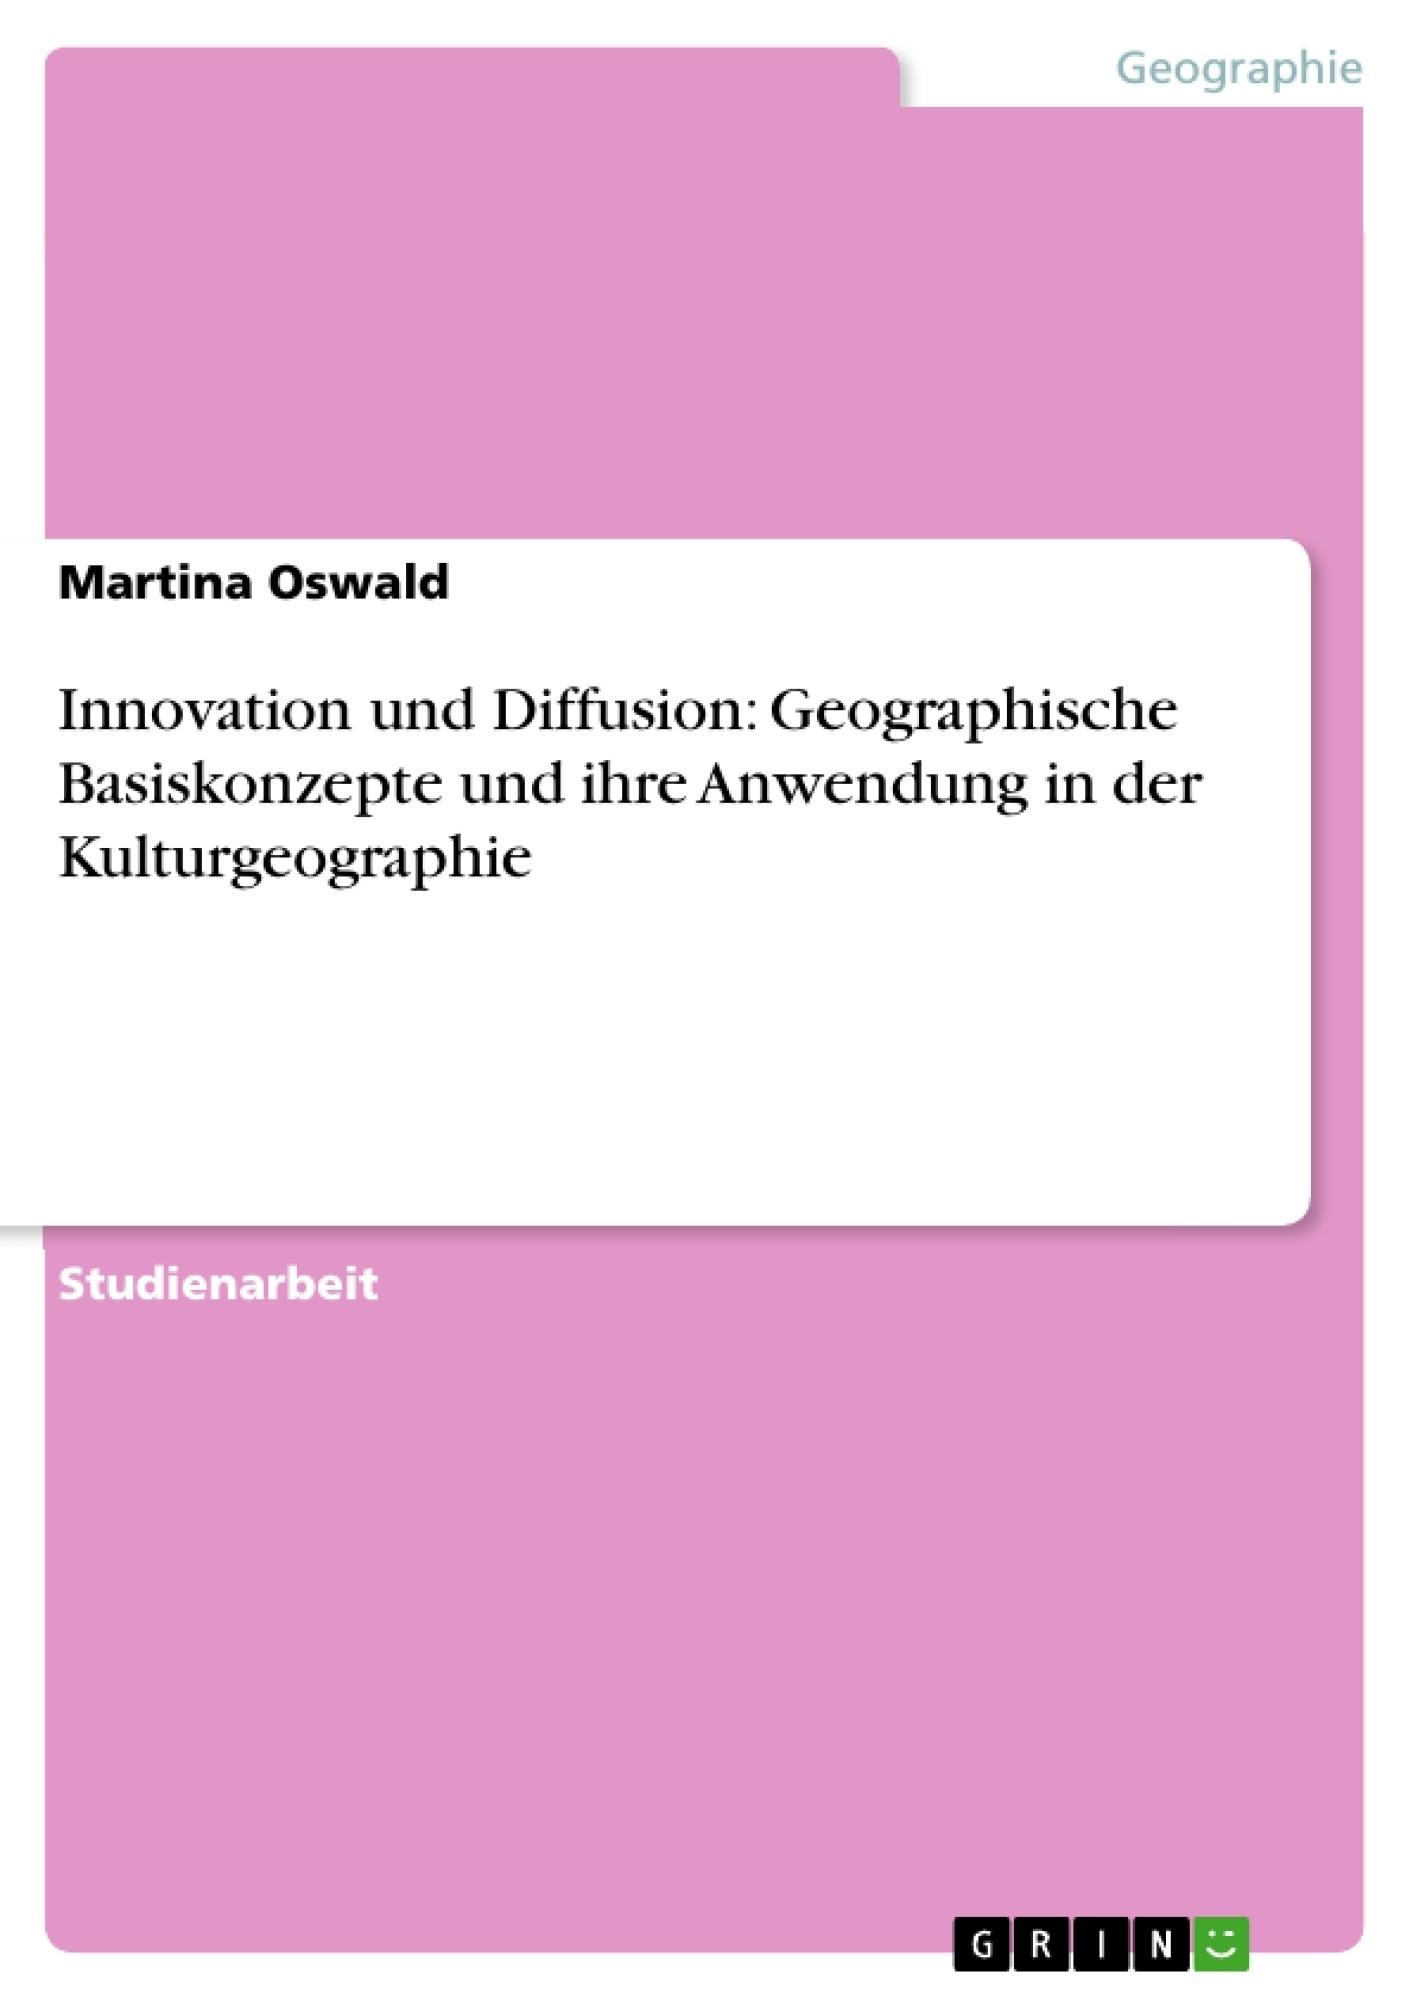 Titel: Innovation und Diffusion: Geographische Basiskonzepte und ihre Anwendung in der Kulturgeographie